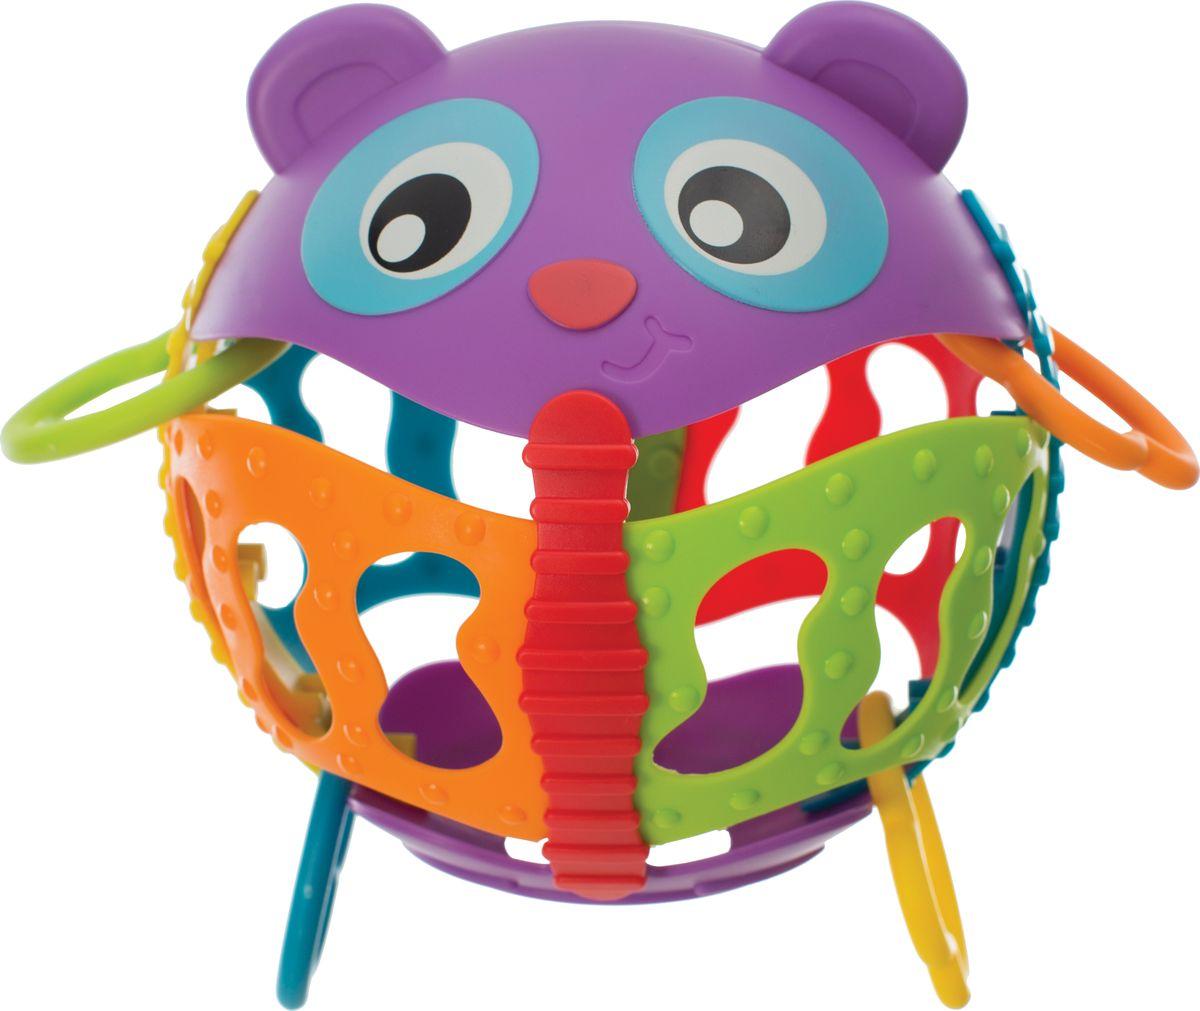 Playgro Погремушка Шар 4085489 игрушка погремушка playgro тигр